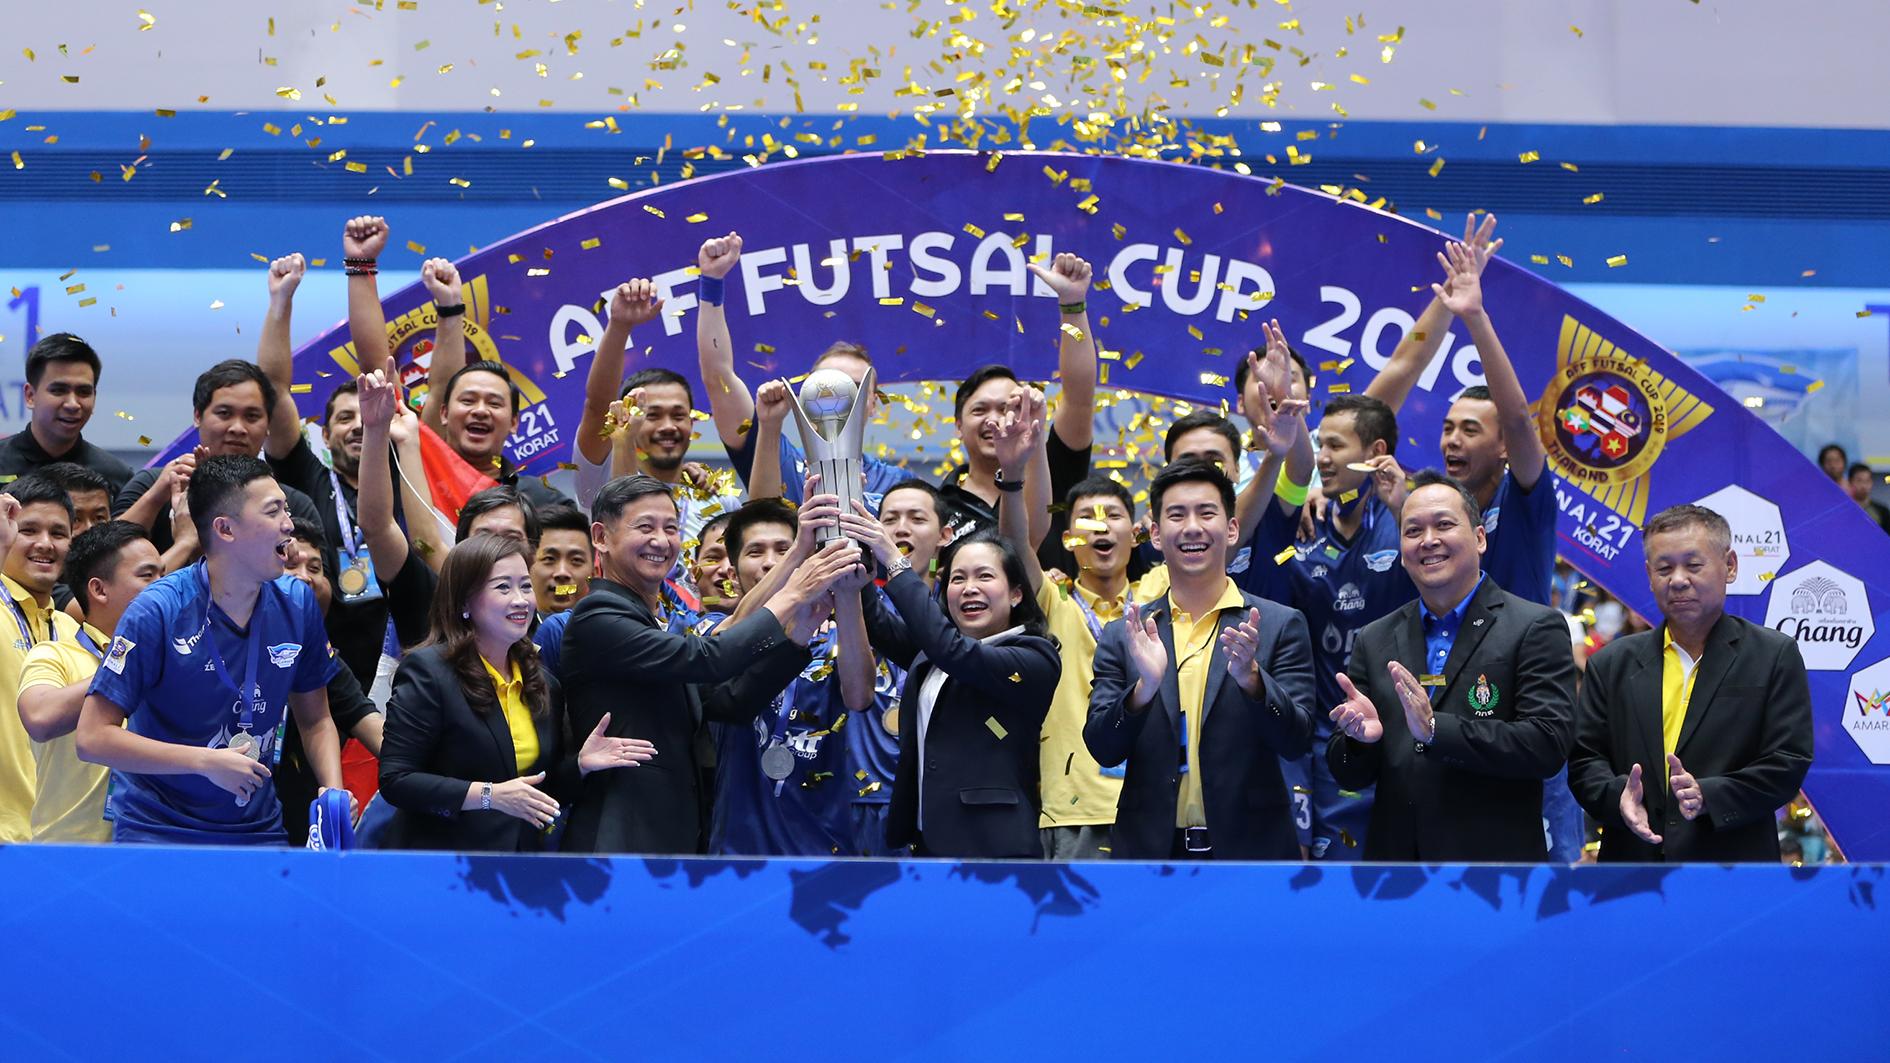 AFF FUTSAL CUP 2019 พีทีที บลูเวฟ ชลบุรี ฟุตซอลชิงแชมป์อาเซียน 2019 ศุภวุฒิ เถื่อนกลาง